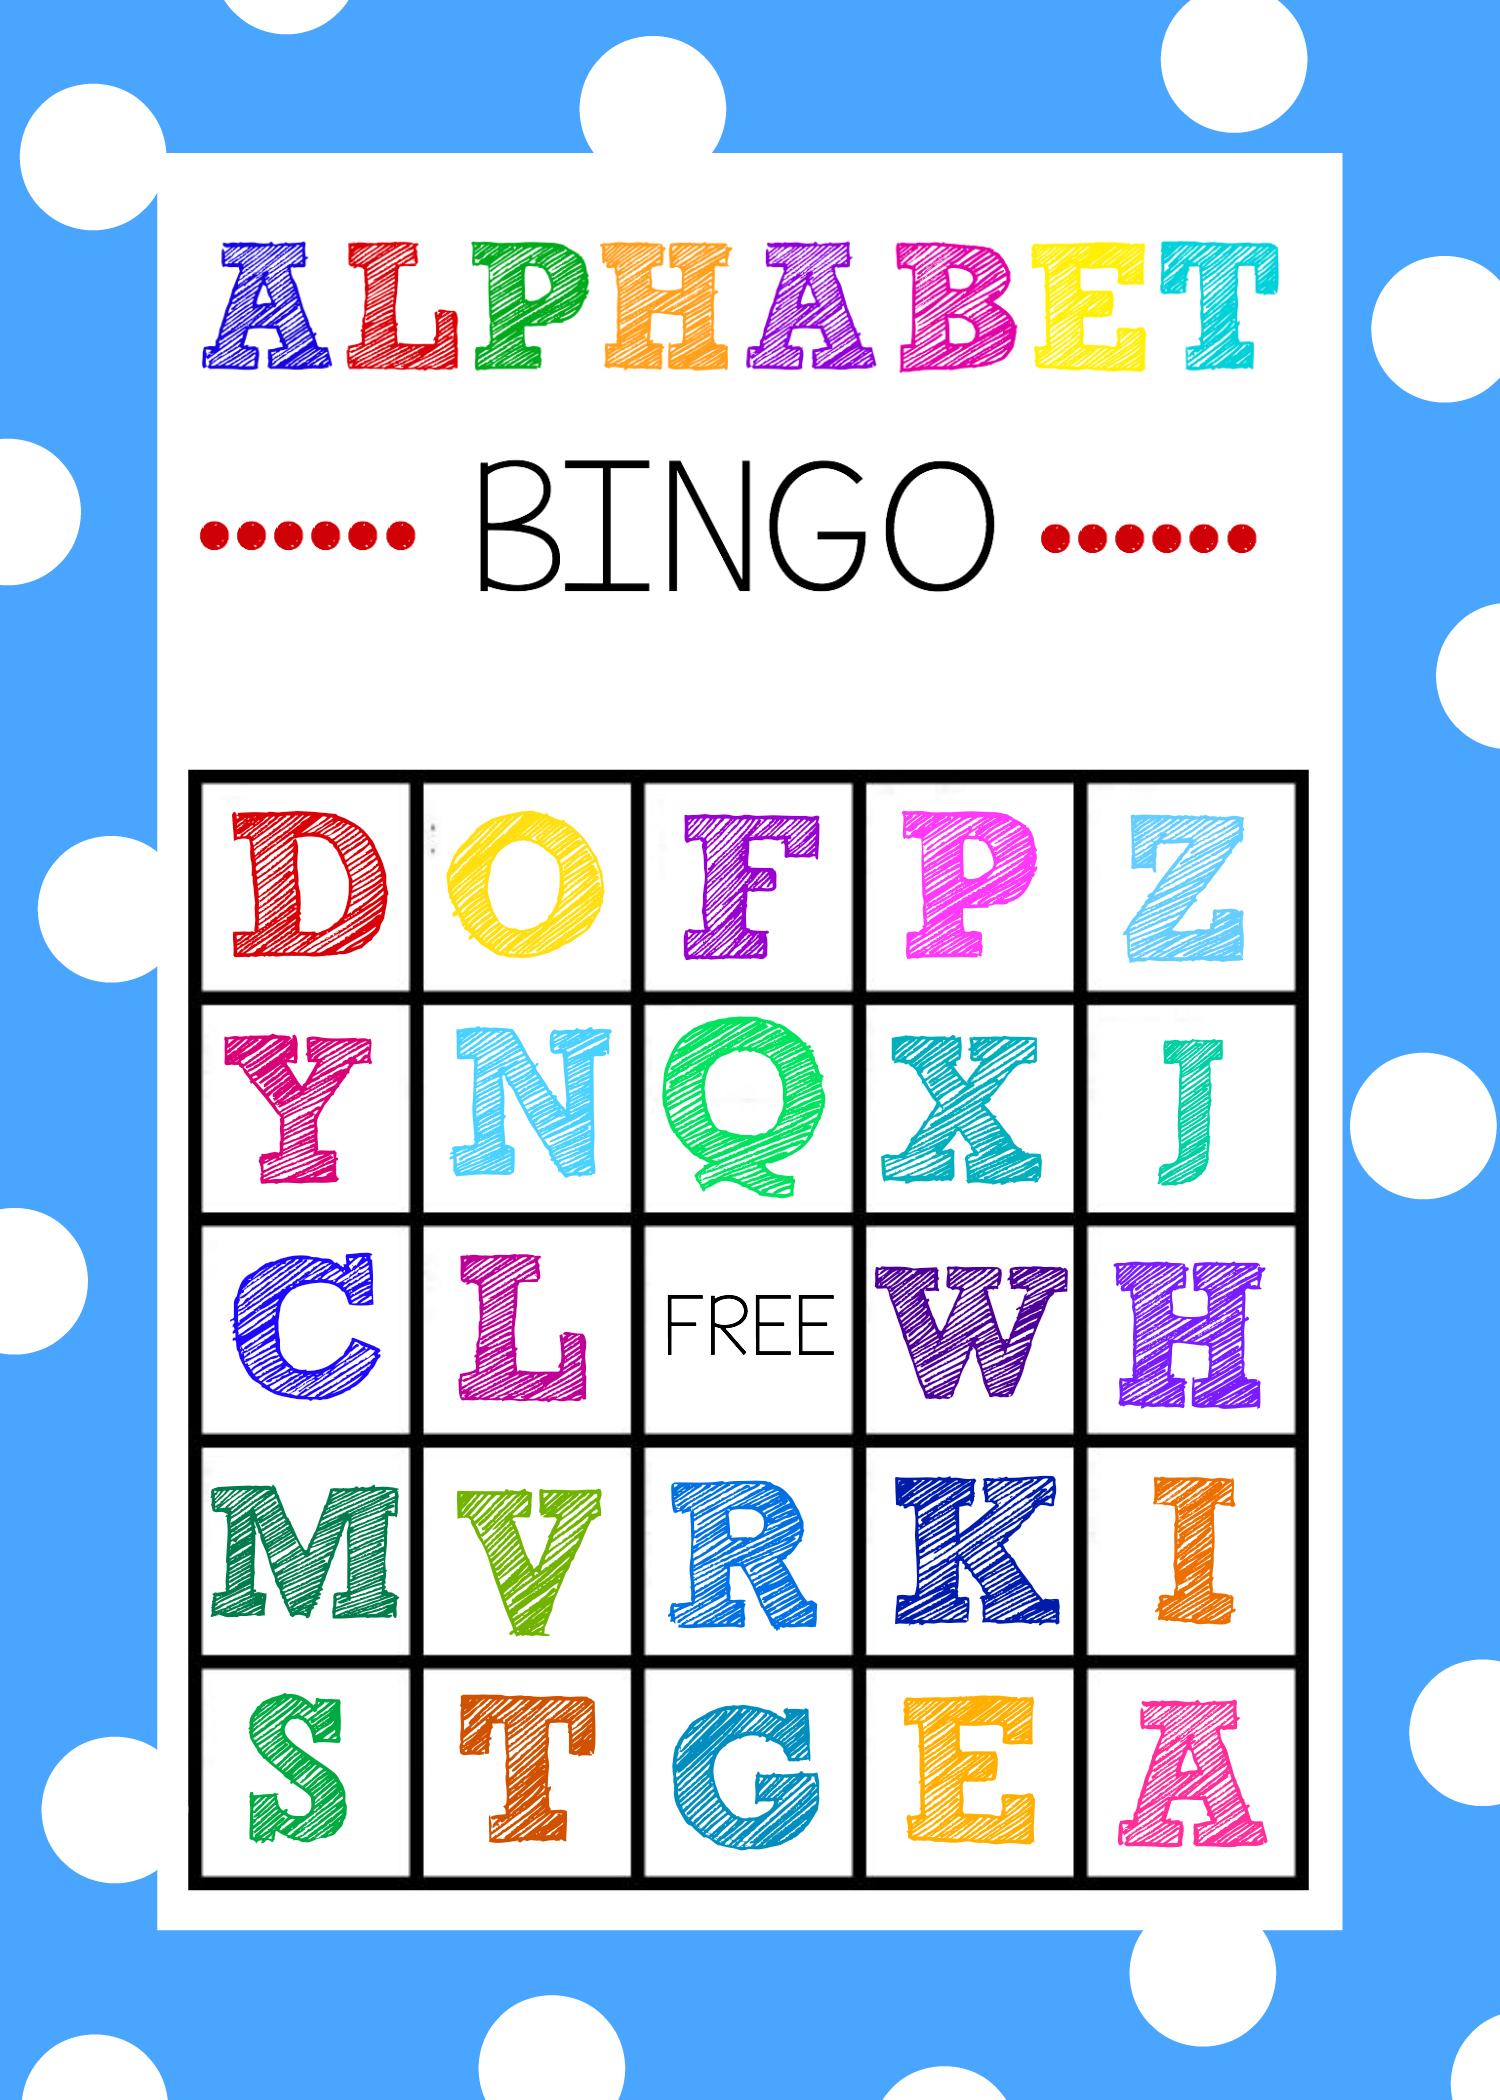 Free Printable Alphabet Bingo Game